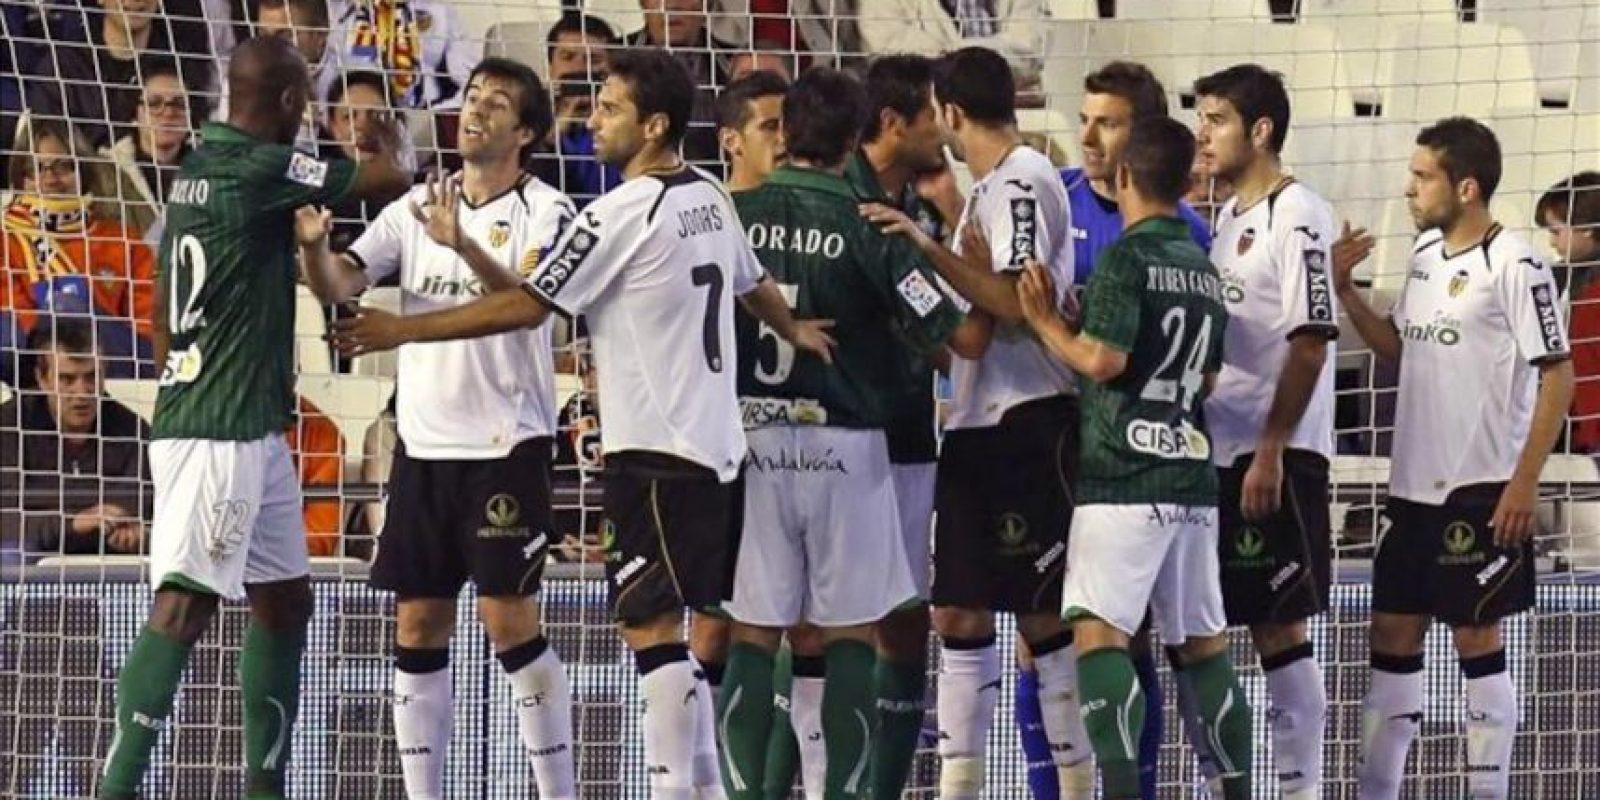 Los jugadores del Valencia CF y del Real Betis se encaran durante el partido, correspondiente a la trigésimo quinta jornada de Liga de Primera División en el estadio de Mestalla. EFE